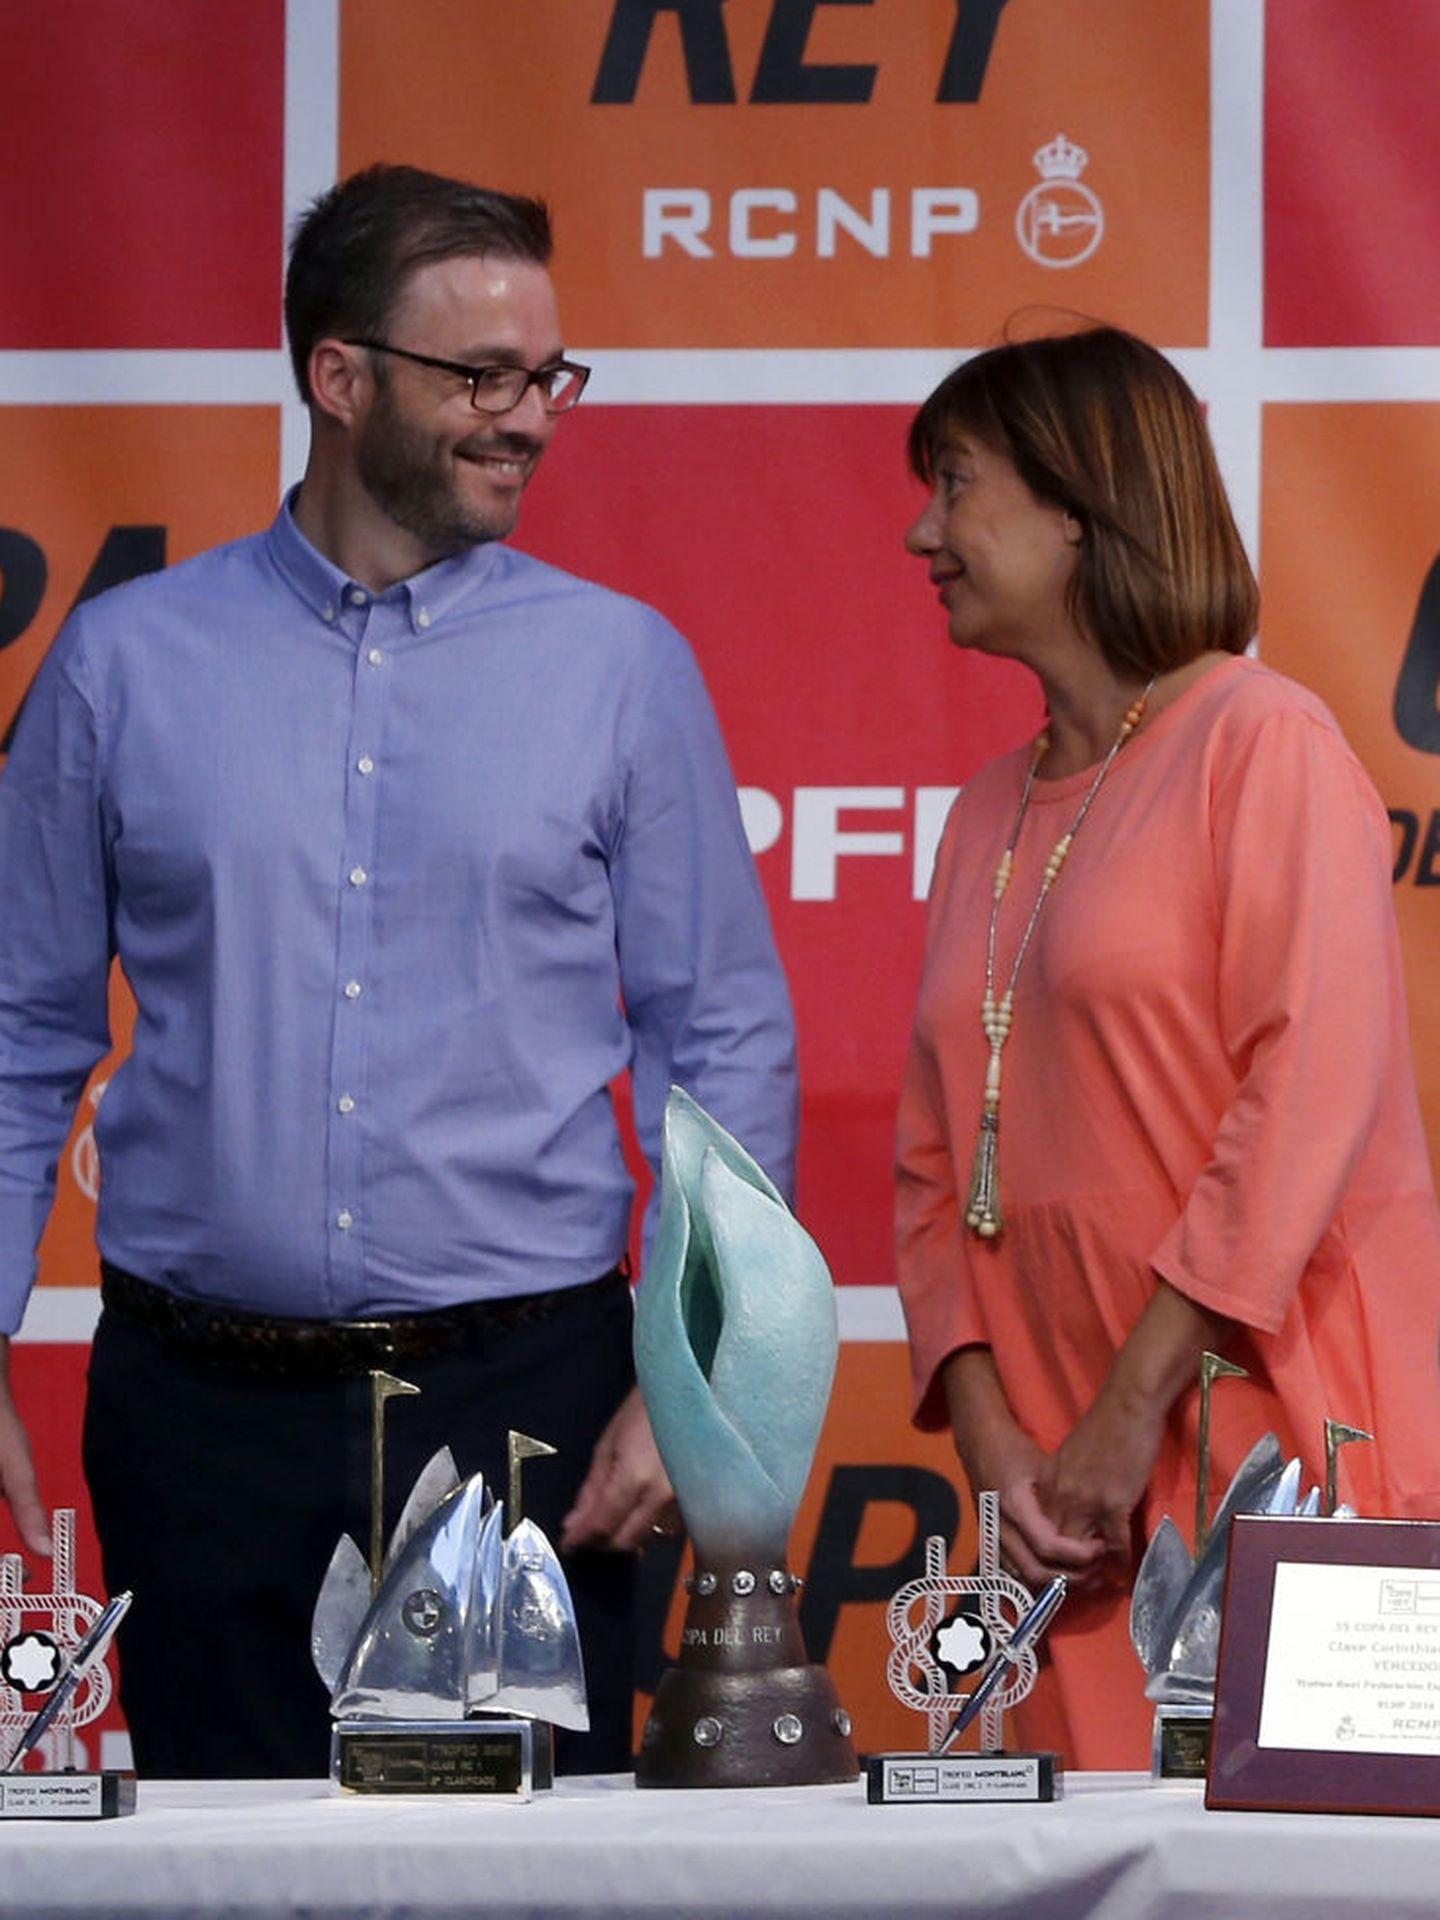 La presidenta de Baleares, Francina Armengol, y Pepe Hila en agosto de 2016, cuando este era aún alcalde de Palma. (EFE)